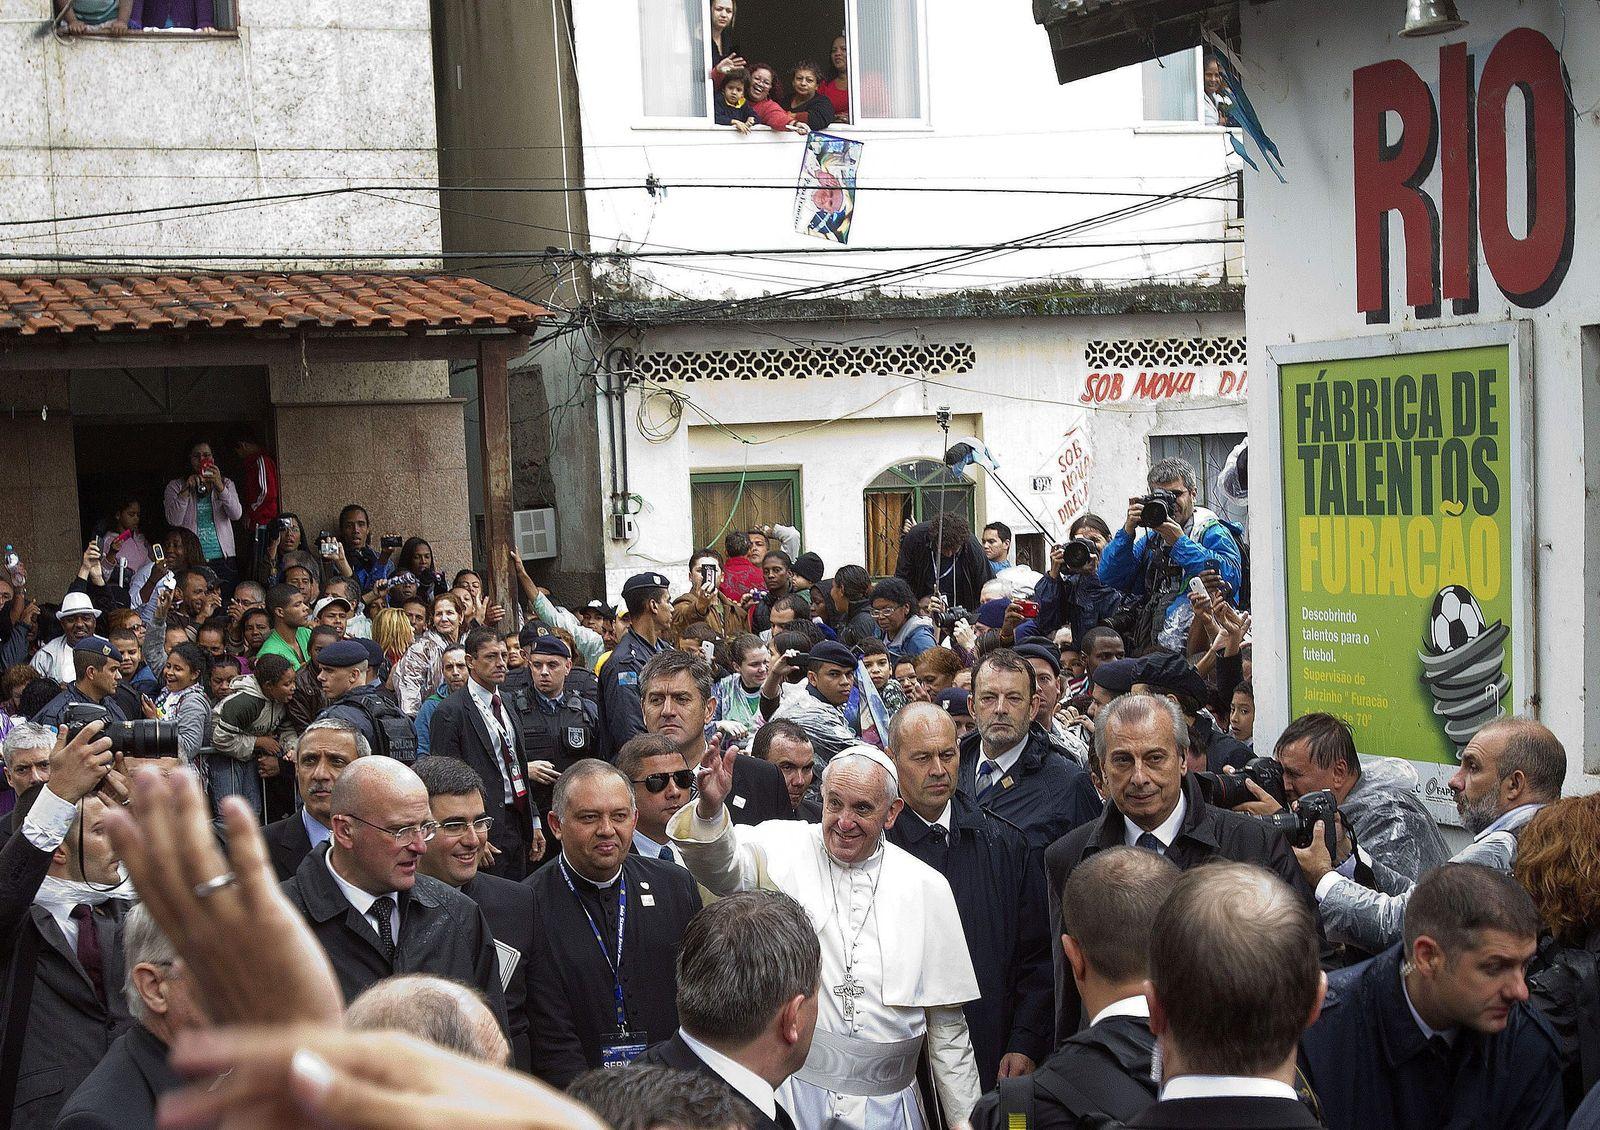 Papst / Favela in Rio de Janeiro